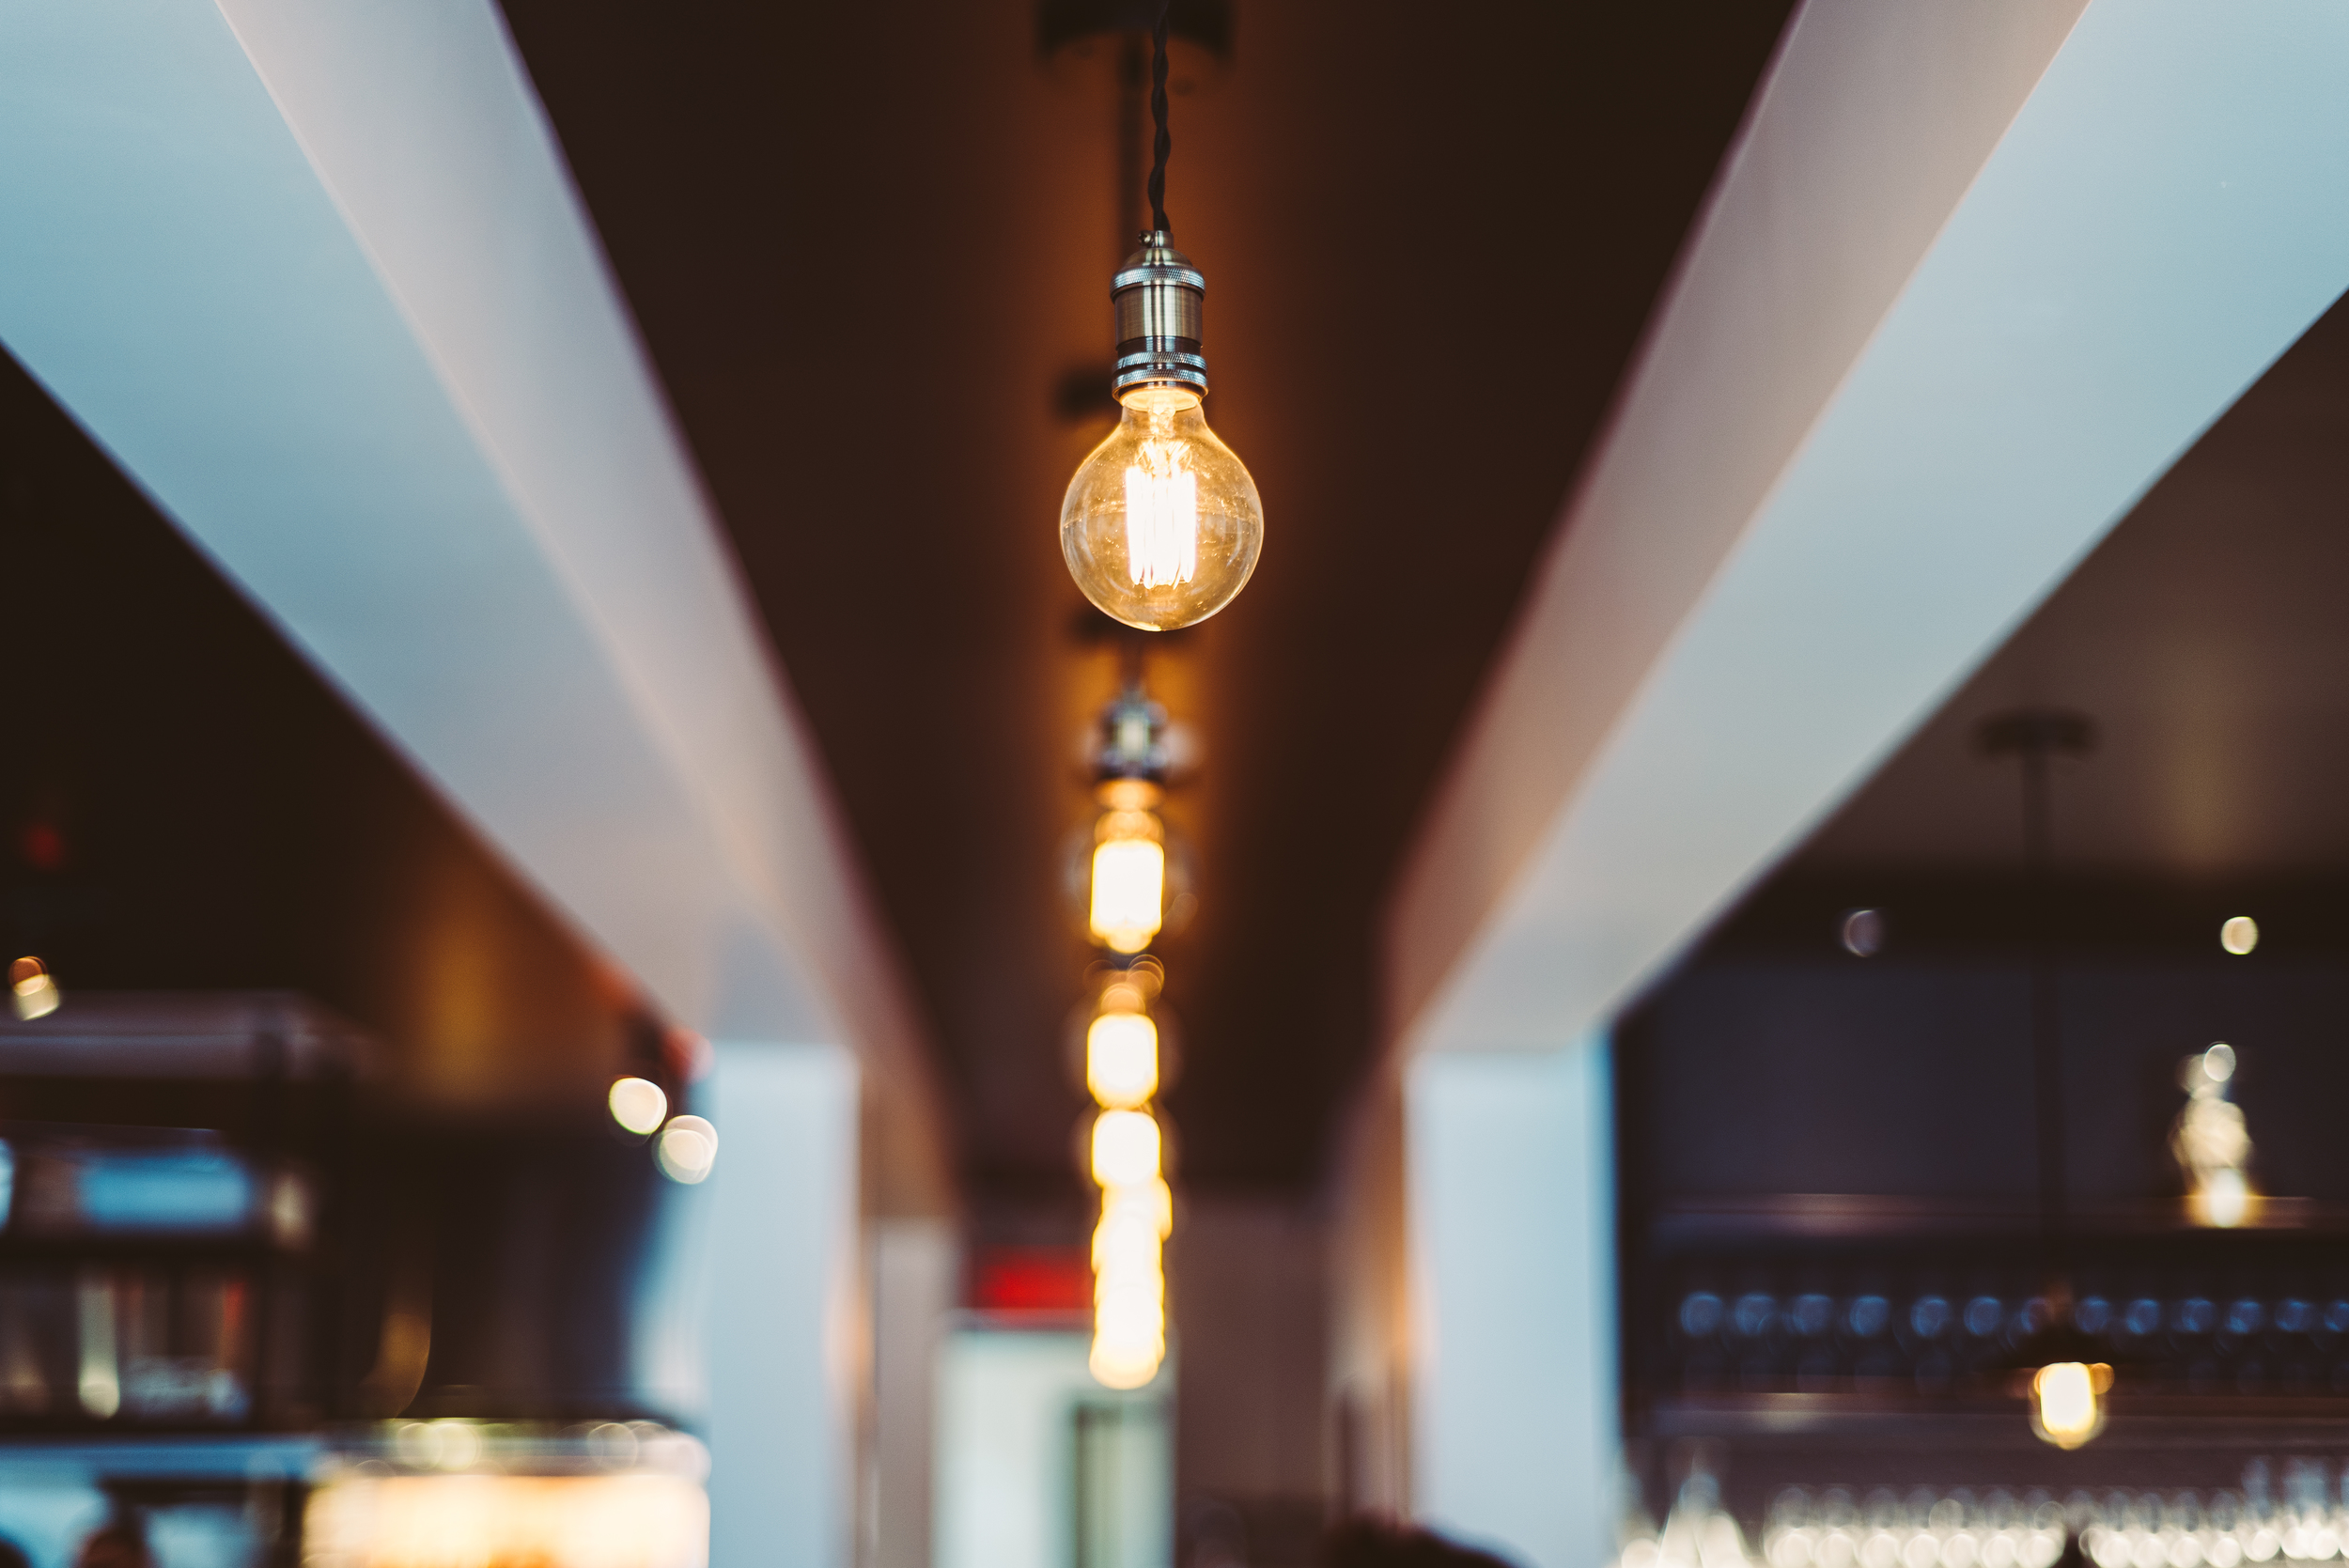 Lighting @ OS-Rôtisserie de Quartier